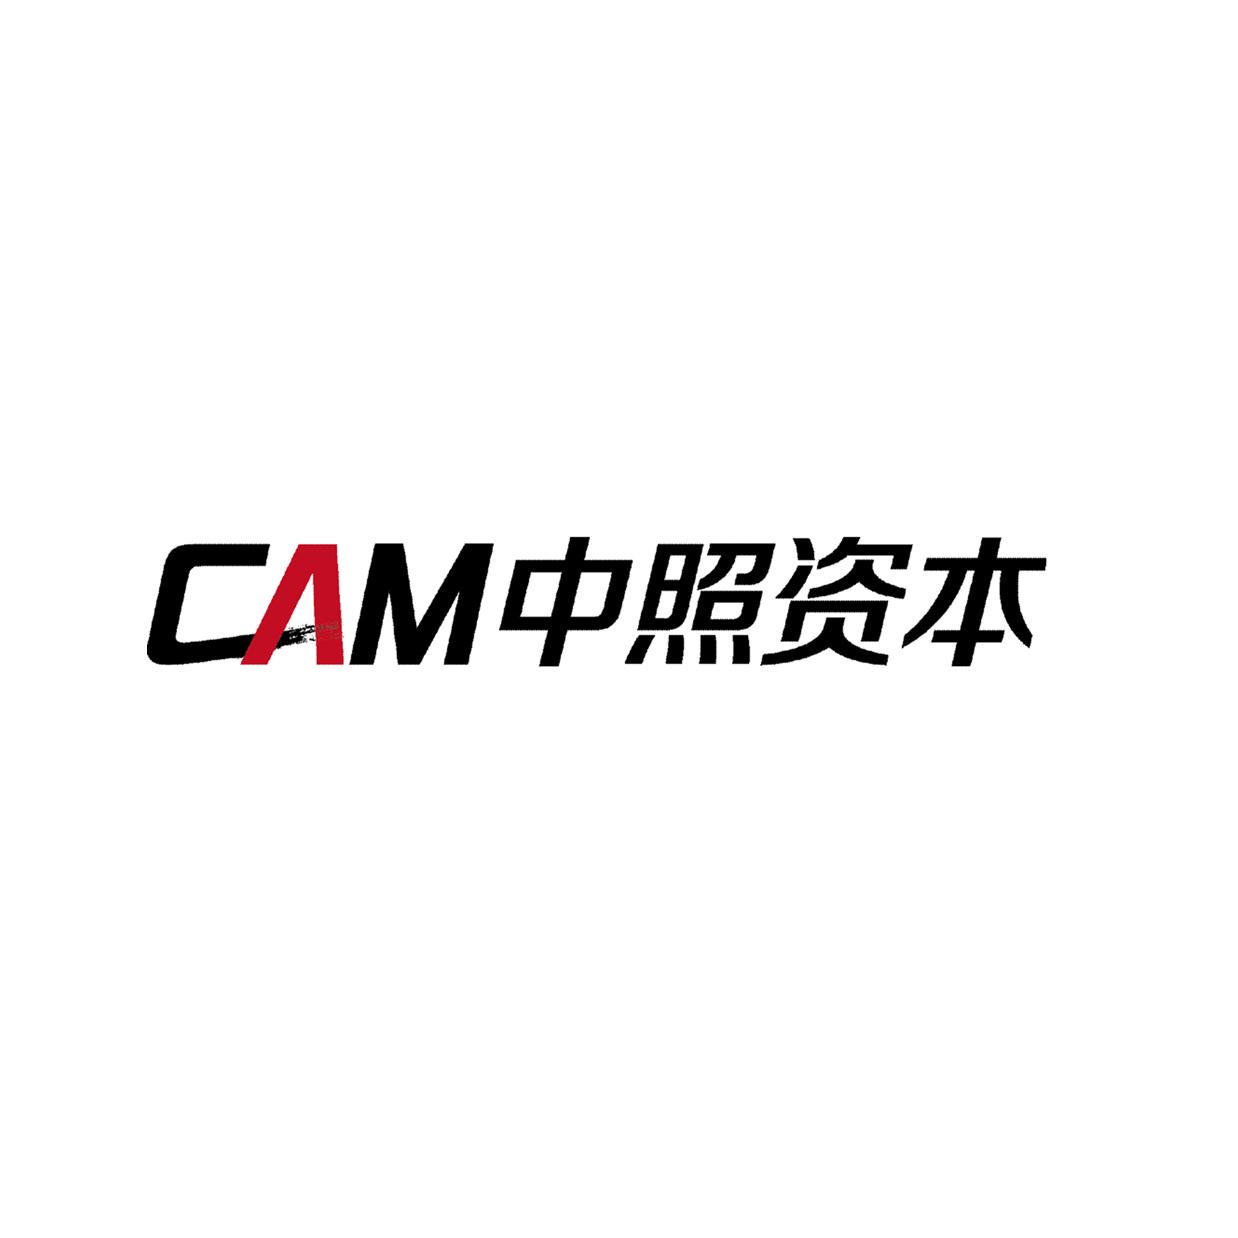 中照(深圳)基金管理有限公司logo